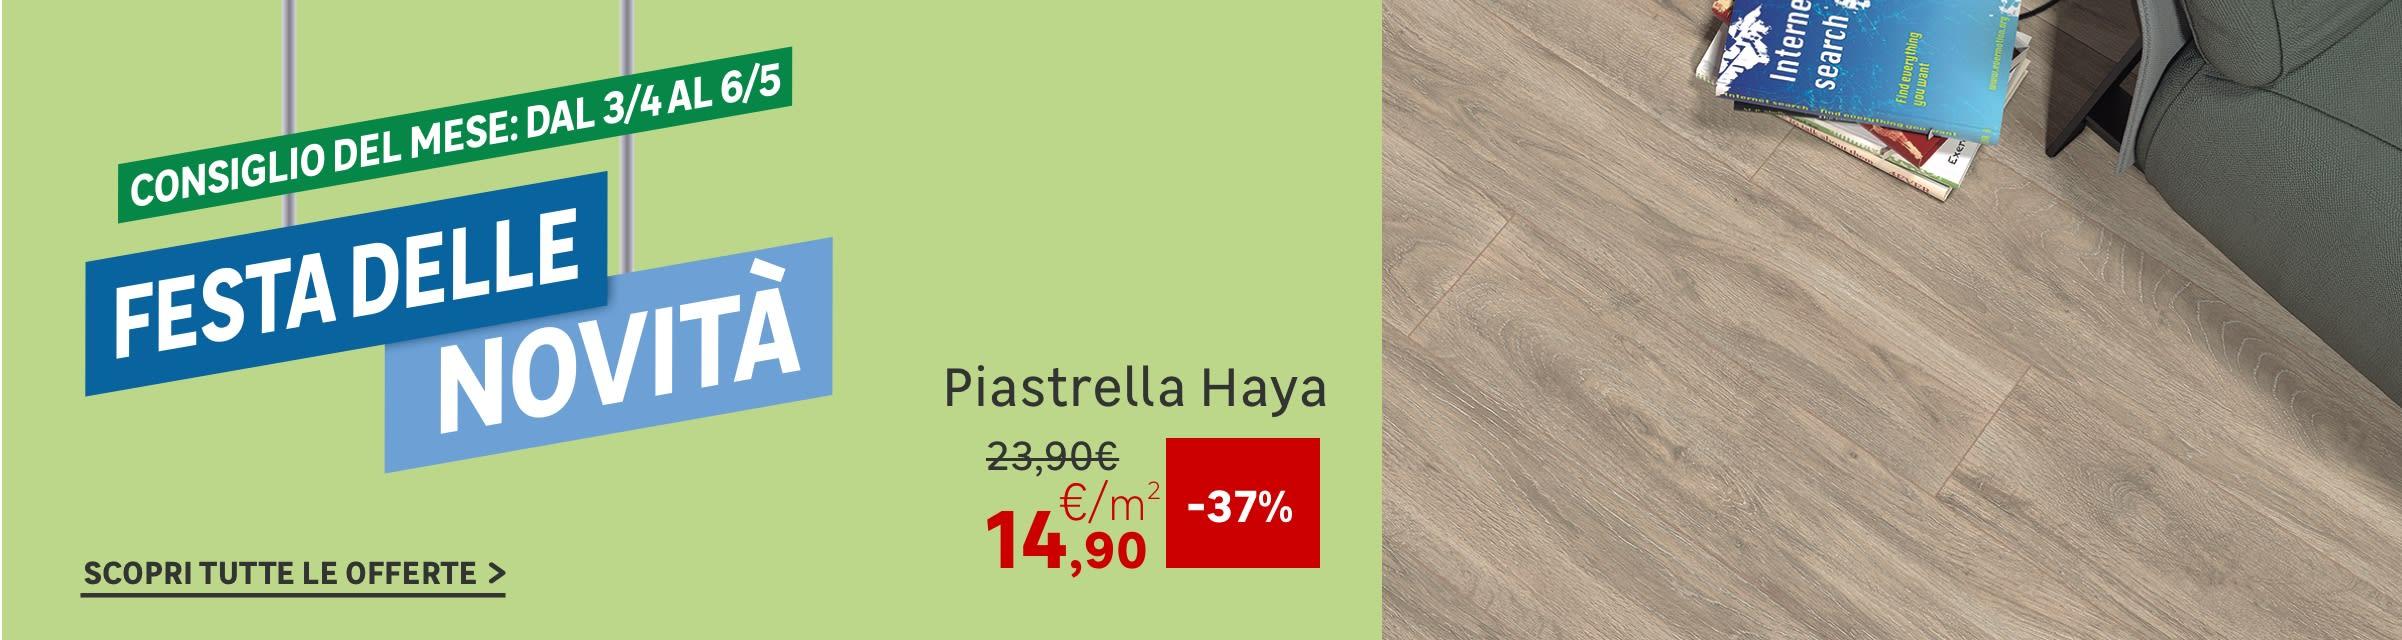 Tavoli Da Giardino In Cemento Prezzi.Pavimenti Rivestimenti E Piastrelle Prezzi E Offerte Online